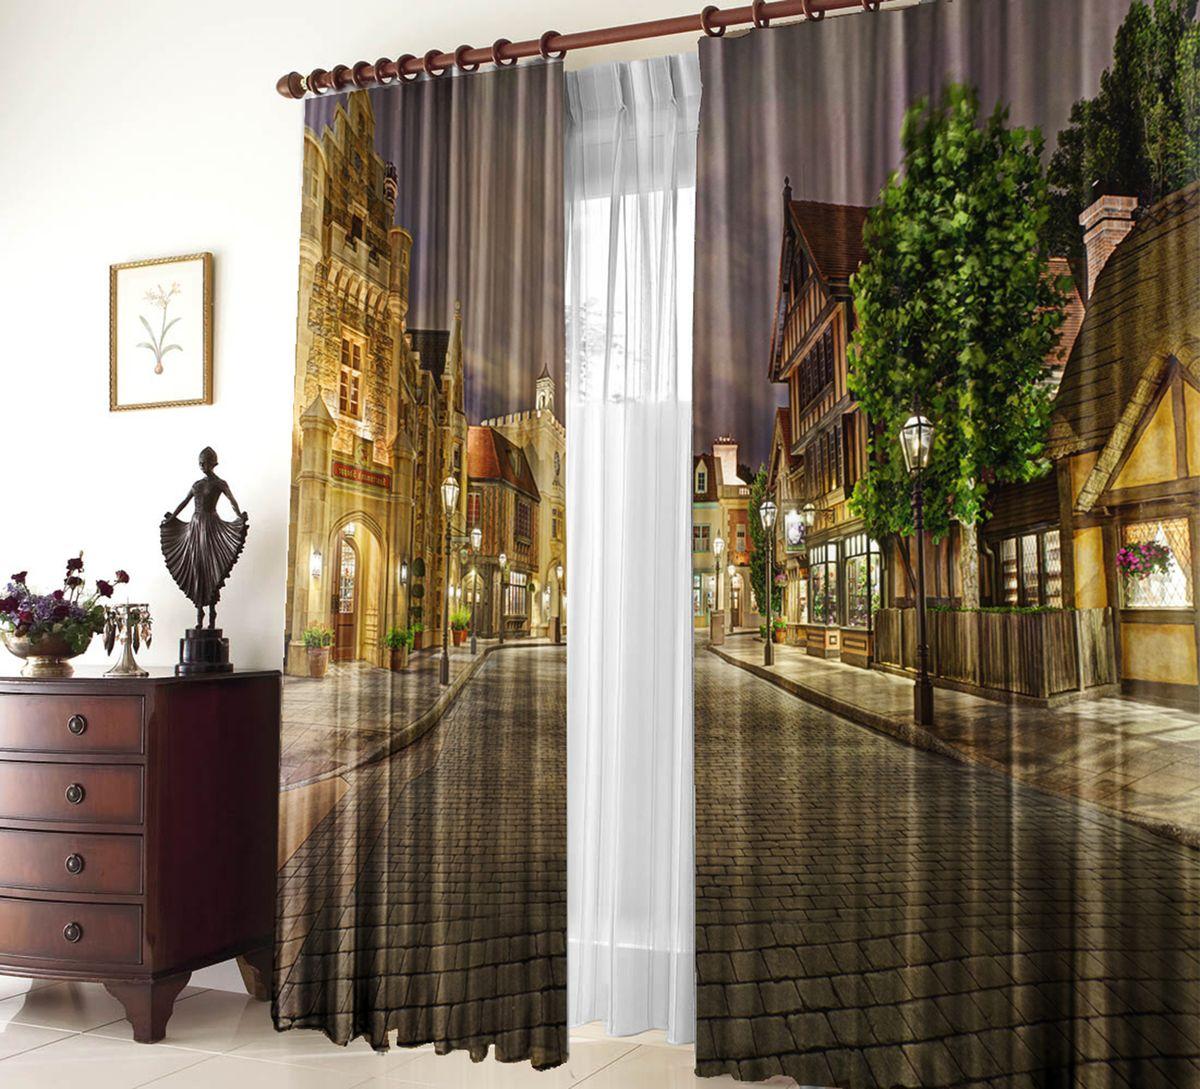 Комплект фотоштор Zlata Korunka Прага, на ленте, высота 270 см21146Фотошторы Blackout - это особый вид светонепроницаемой ткани, не выцветает, прекрасно драпируется и при этом очень хорошо сохраняет форму, отличается высокой плотностью полотна и хорошей износостойкостью, обладает высокими тепло- и звукоизоляционными свойствами.Рекомендации по уходу: бережная стирка при 30°С, деликатный отжим, отбеливание запрещено, ткань blackout не требует глажки. Светопоглощение: 100%. Оттенок изделия может отличаться от представленного на сайте в силу особенностей цветопередачи фототехники и вашего монитора.